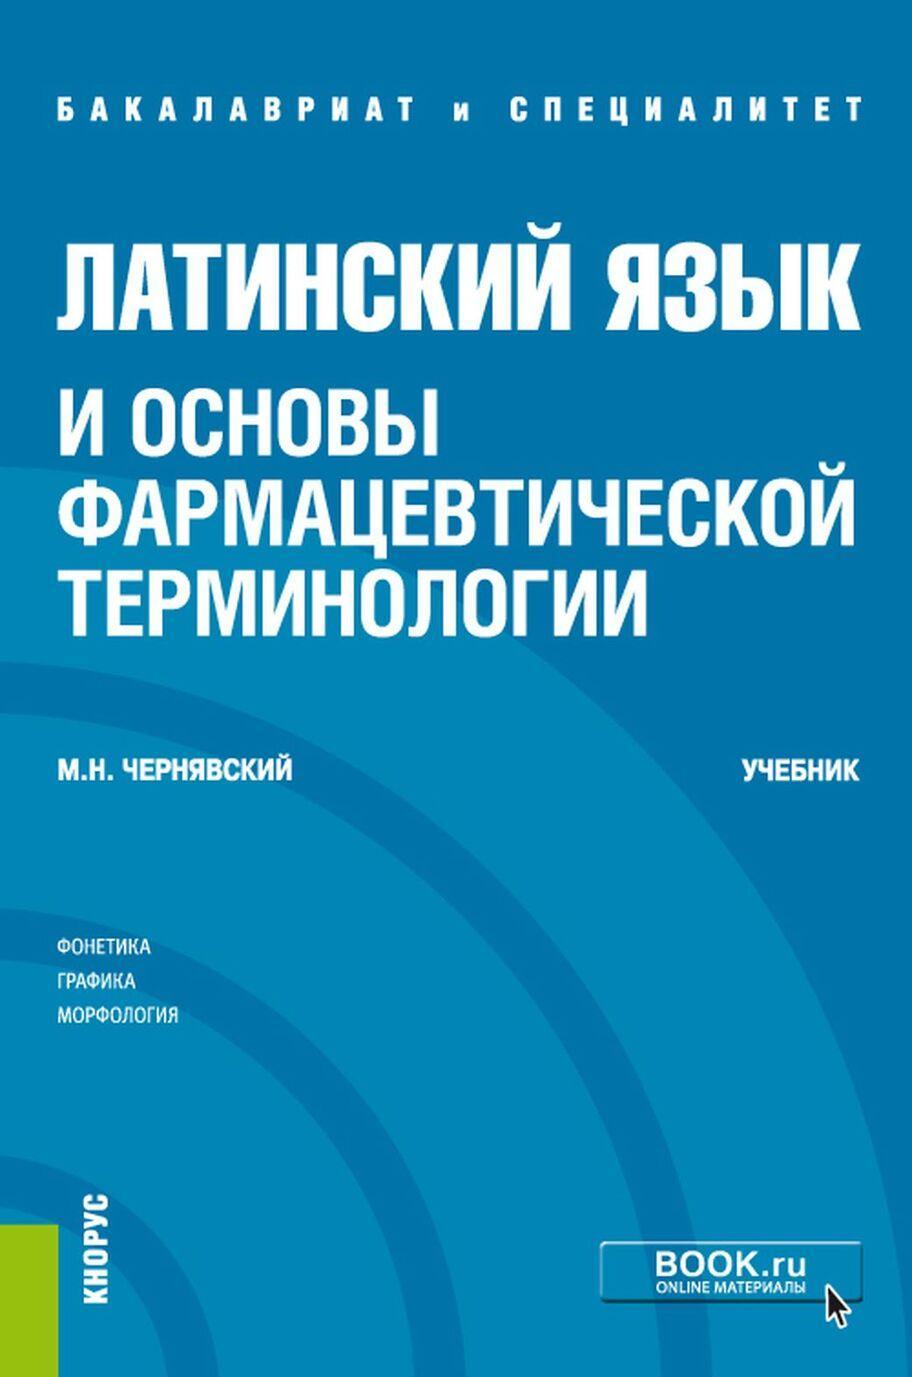 Latinskij jazyk i osnovy farmatsevticheskoj terminologii. (Spetsialitet). Uchebnik.